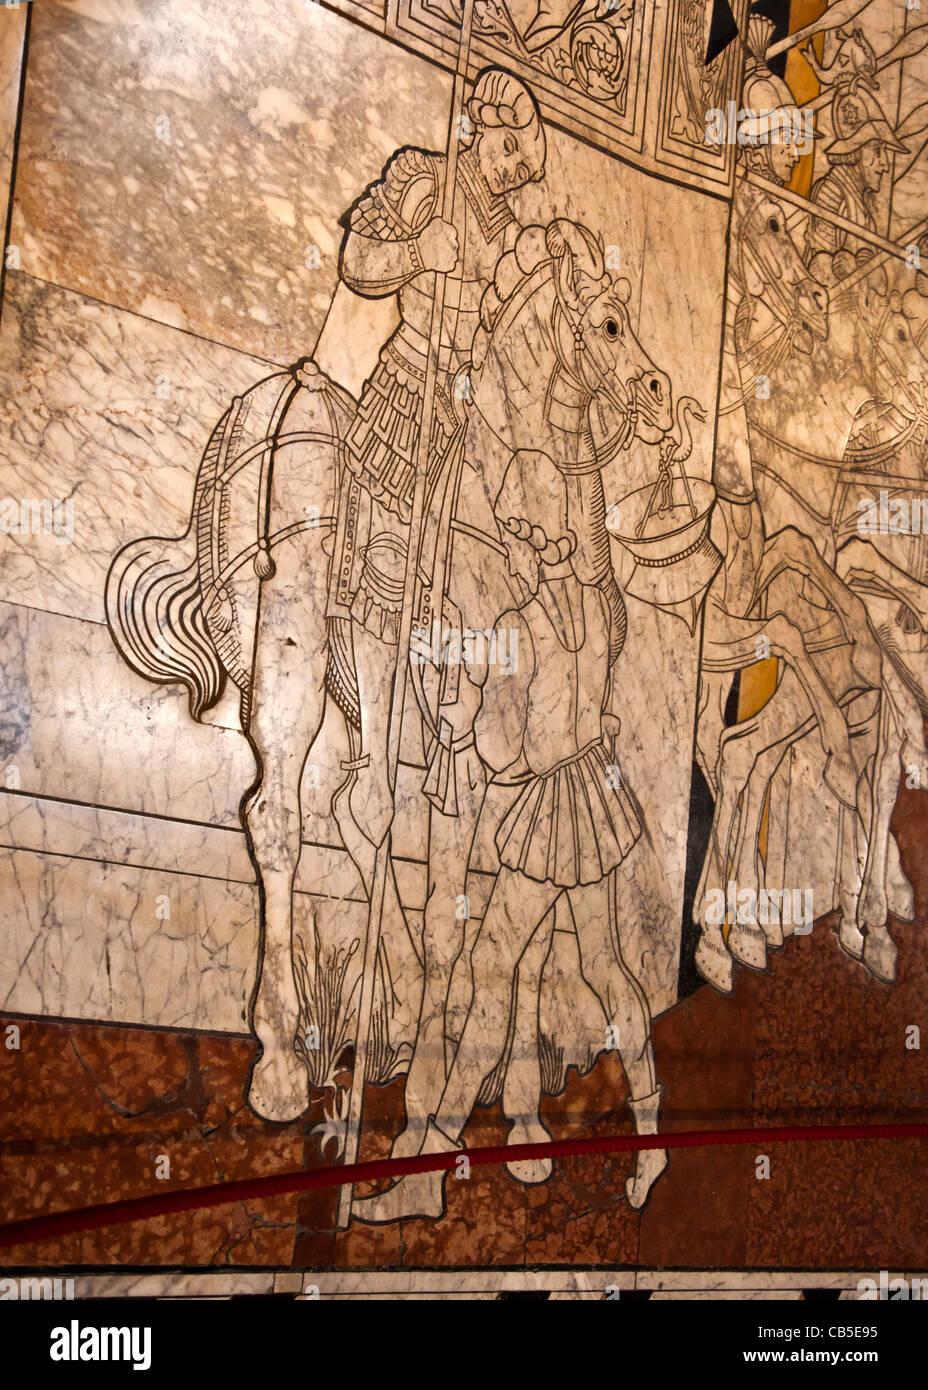 Detalle de un panel del pavimento de mármol dentro de la catedral de Siena (Duomo). Parte de la Storie di giuditta Imagen De Stock